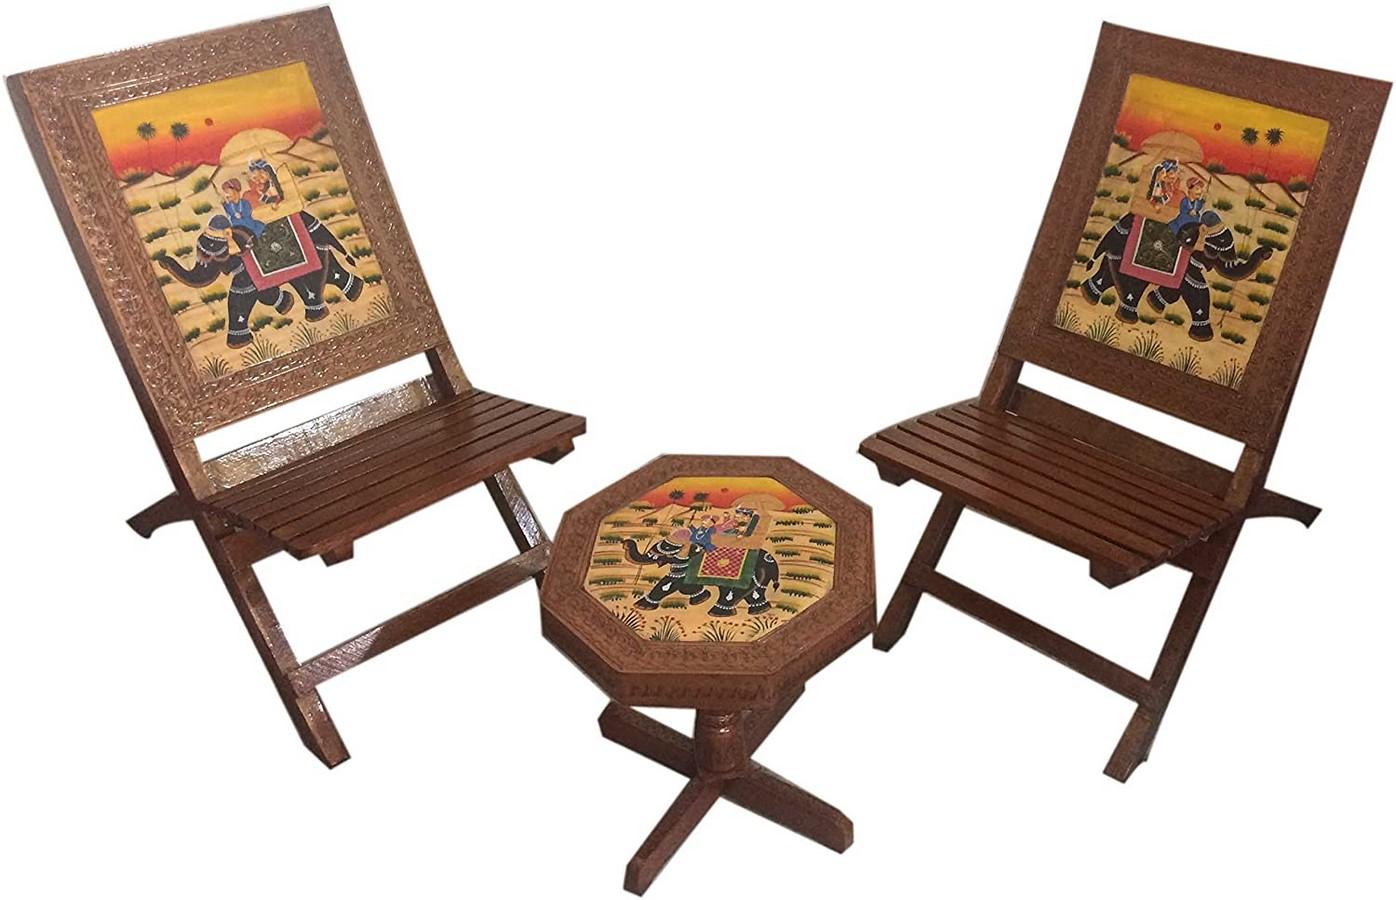 10 Unknown Handicrafts of Rajasthan -WOODCRAFTS